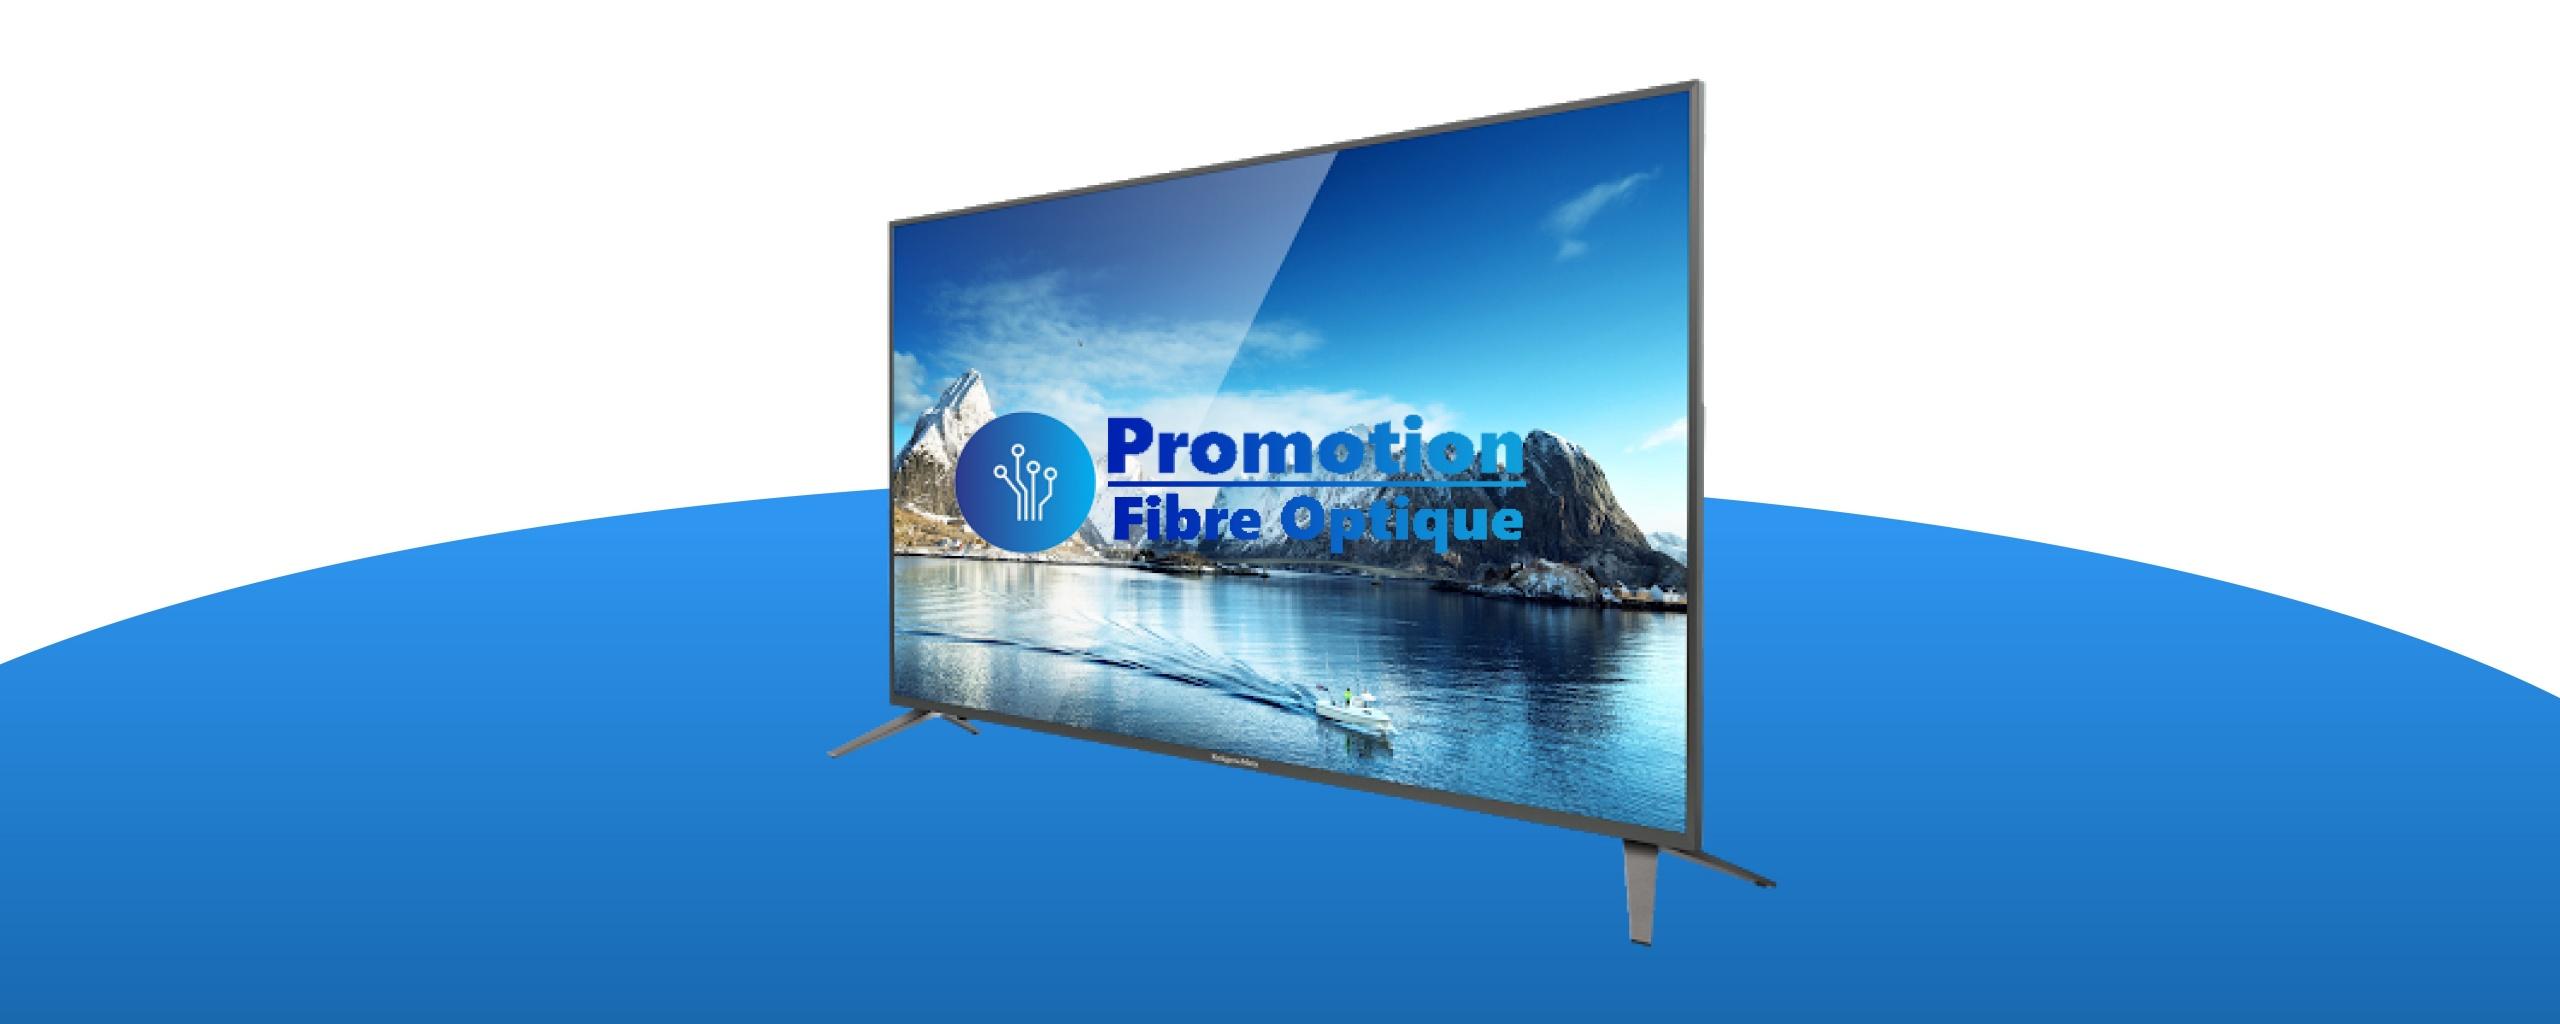 Promotion fibre optique, service fibre optique, forfait fibre optique,